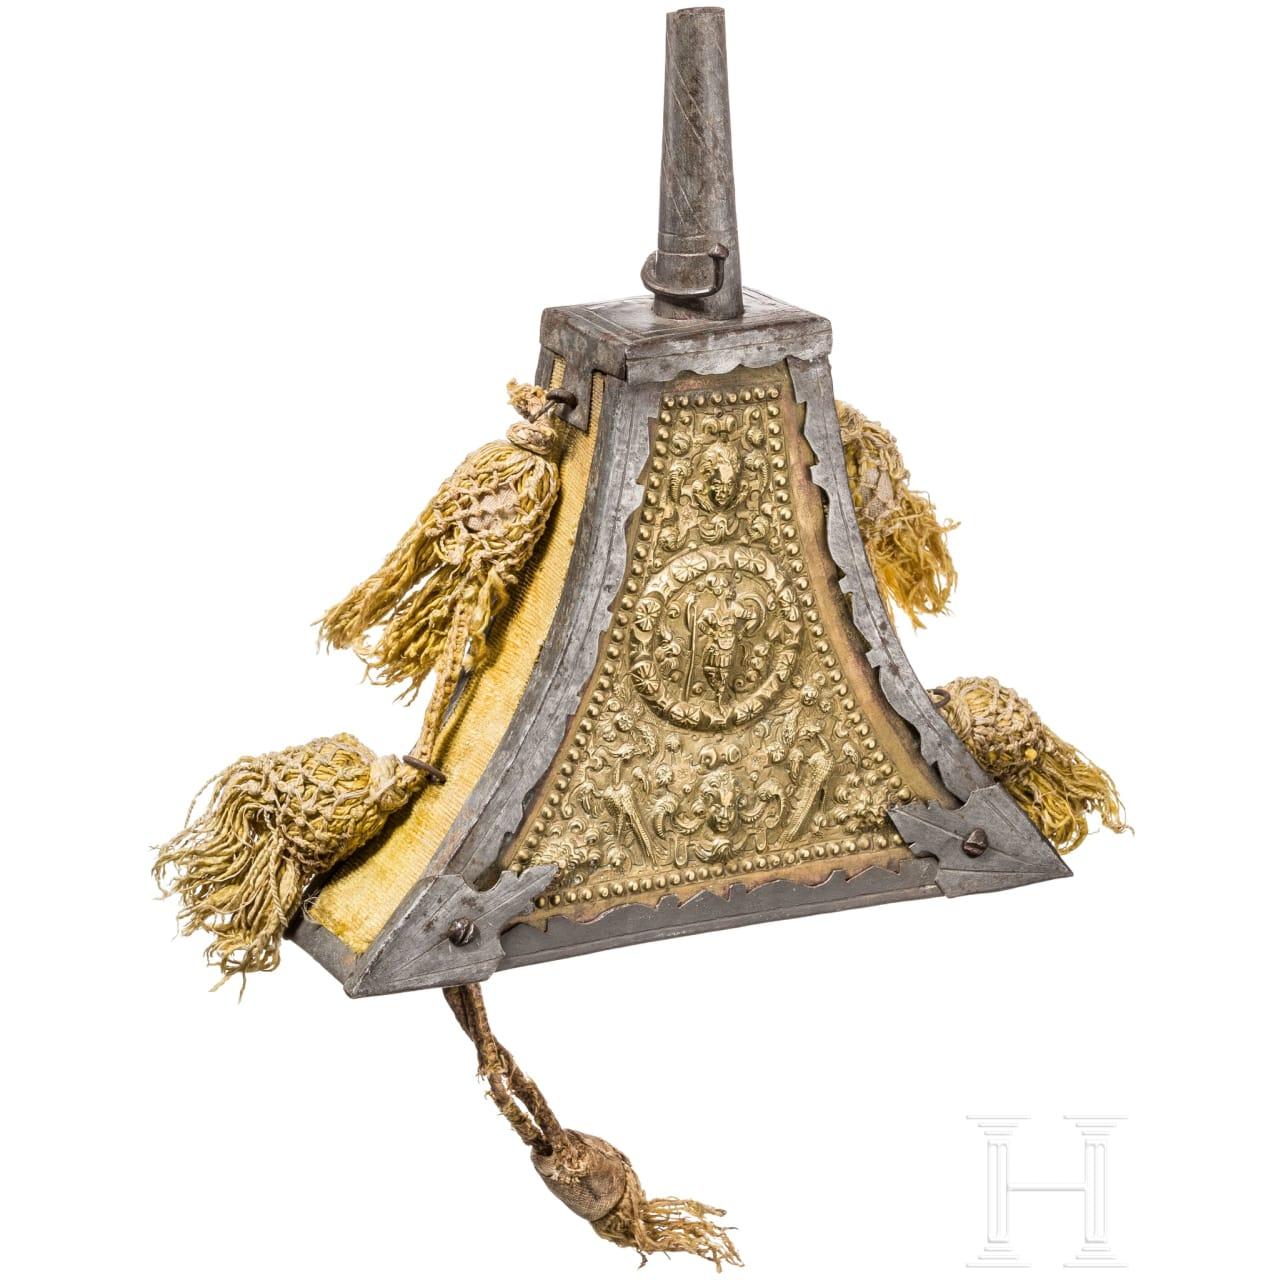 Große Luxus-Musketier-Pulverflasche, deutsch, um 1600